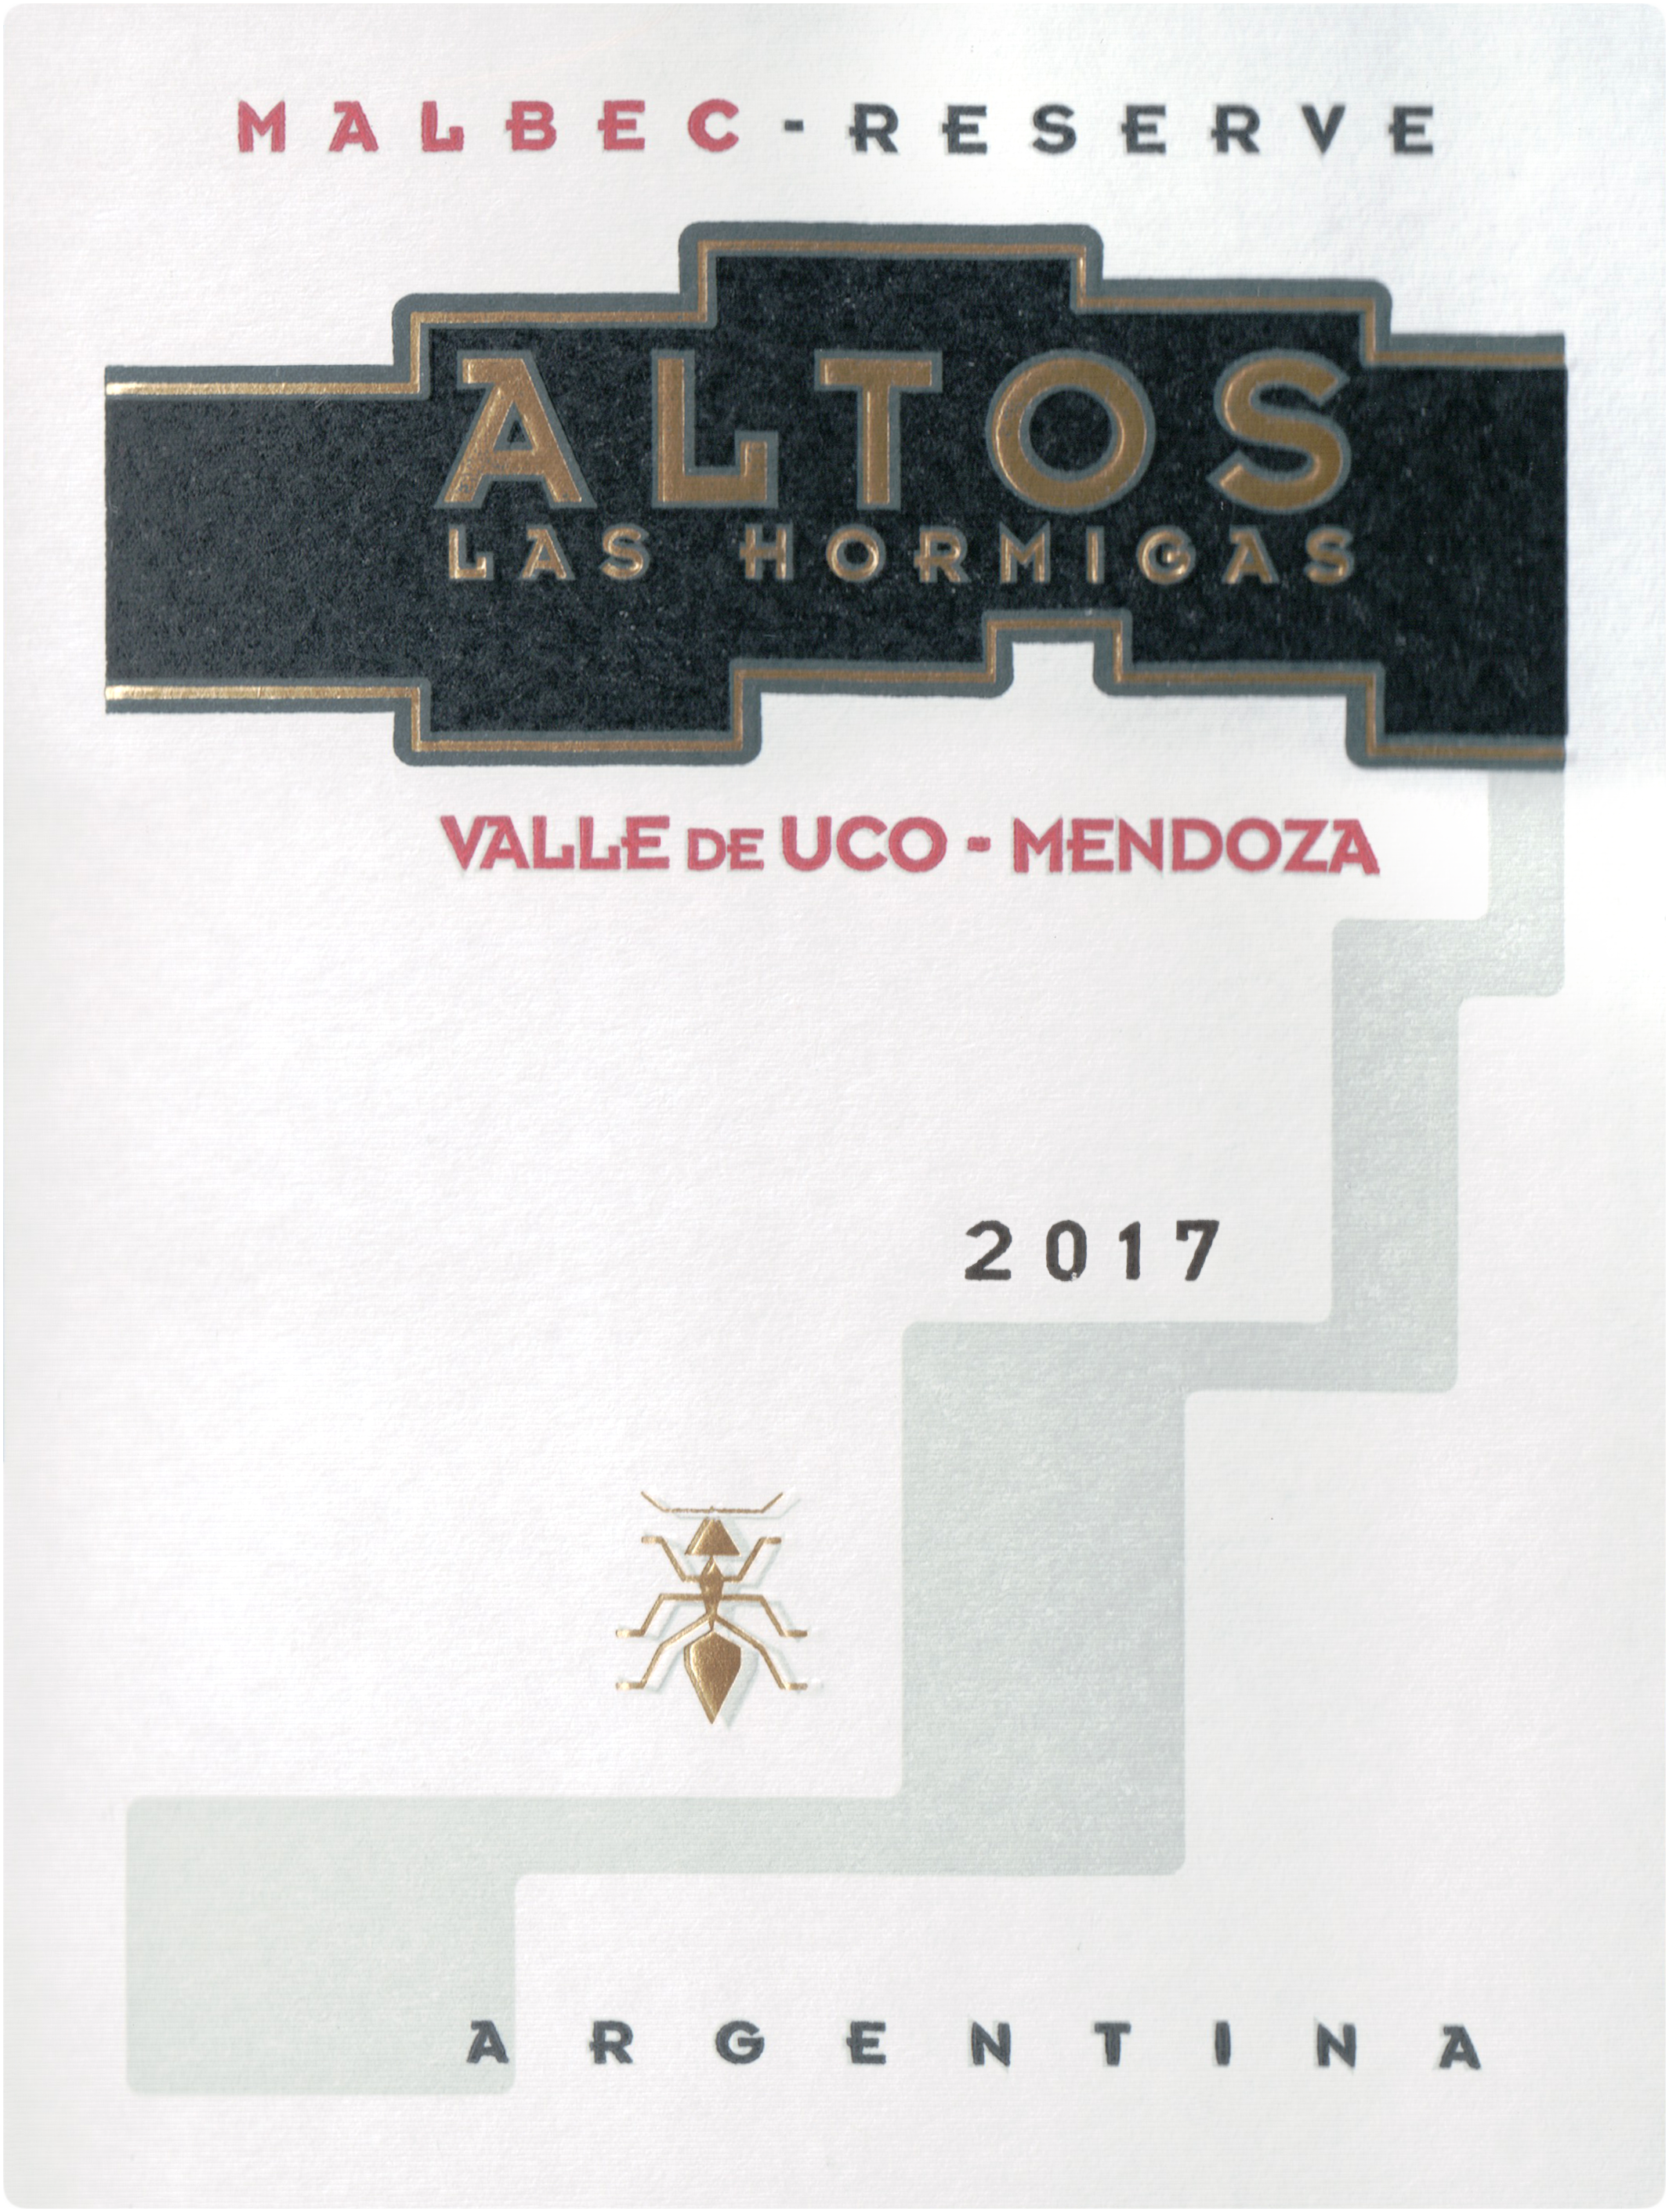 Altos Las Hormigas Malbec Reserve 2017